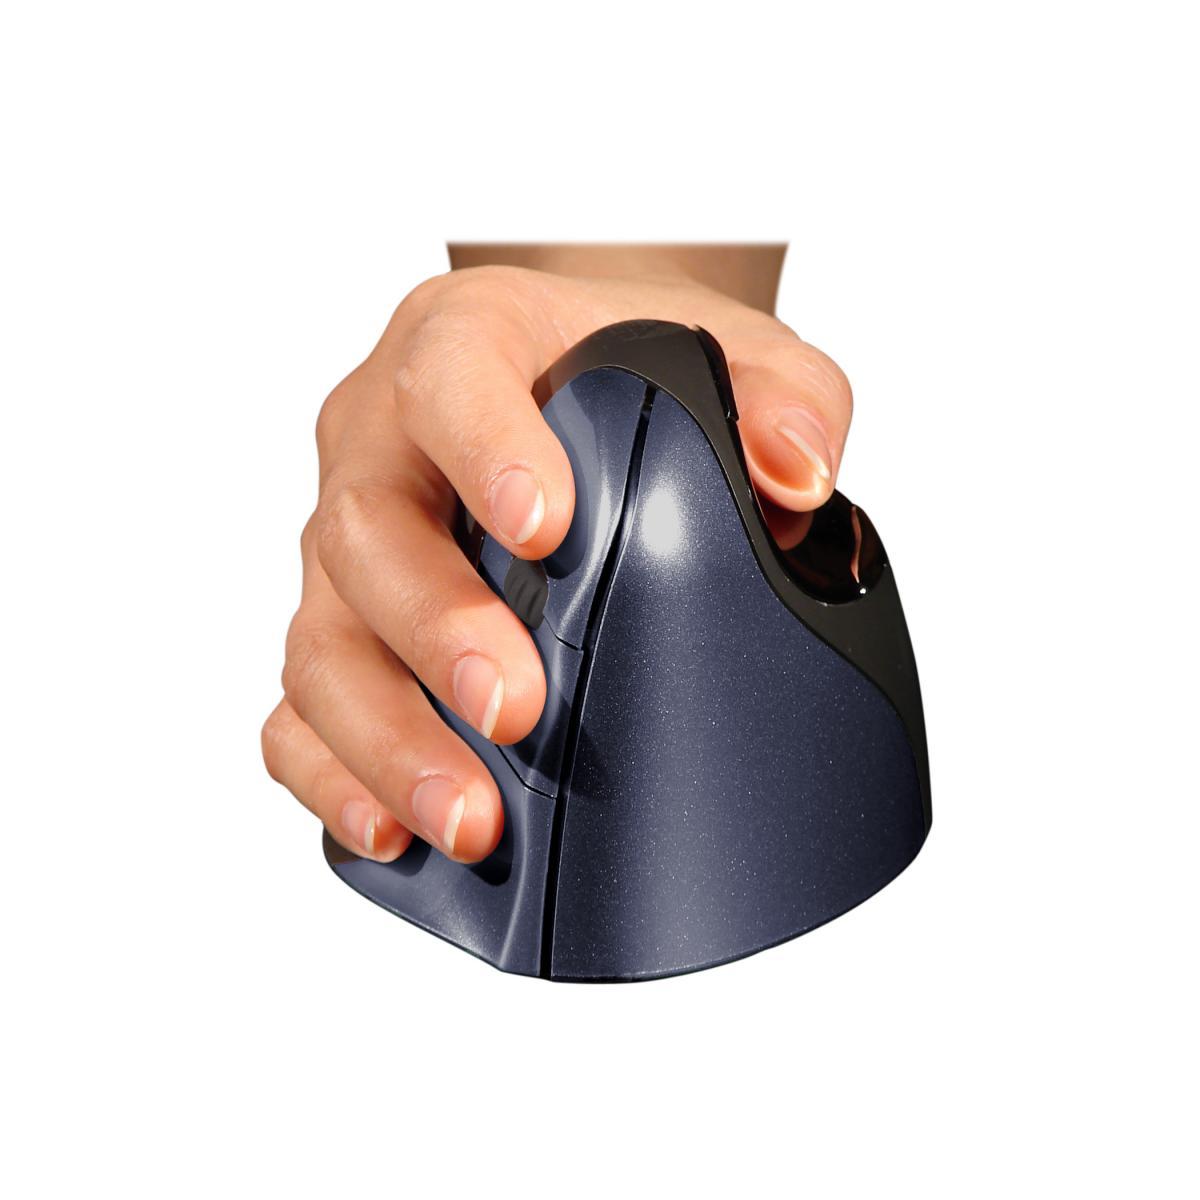 Zwarte, draadloze, ergonomische muis van BakkerElkhuizen, de Evoluent 4